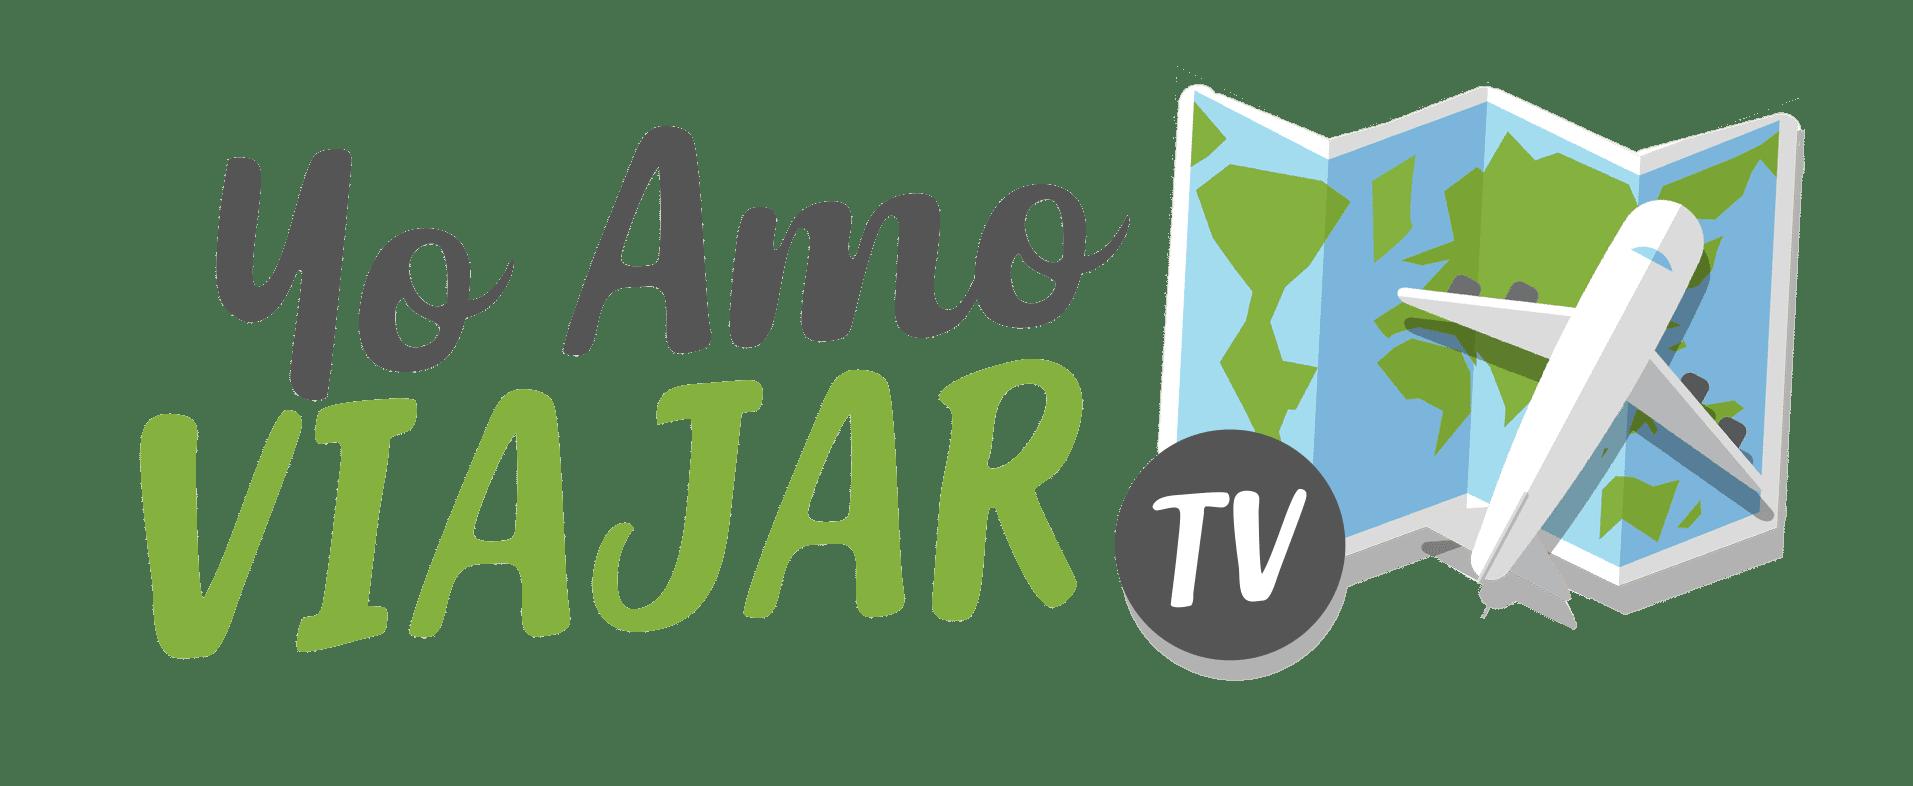 YoAmoViajar.tv - La televisión de los grandes viajeros